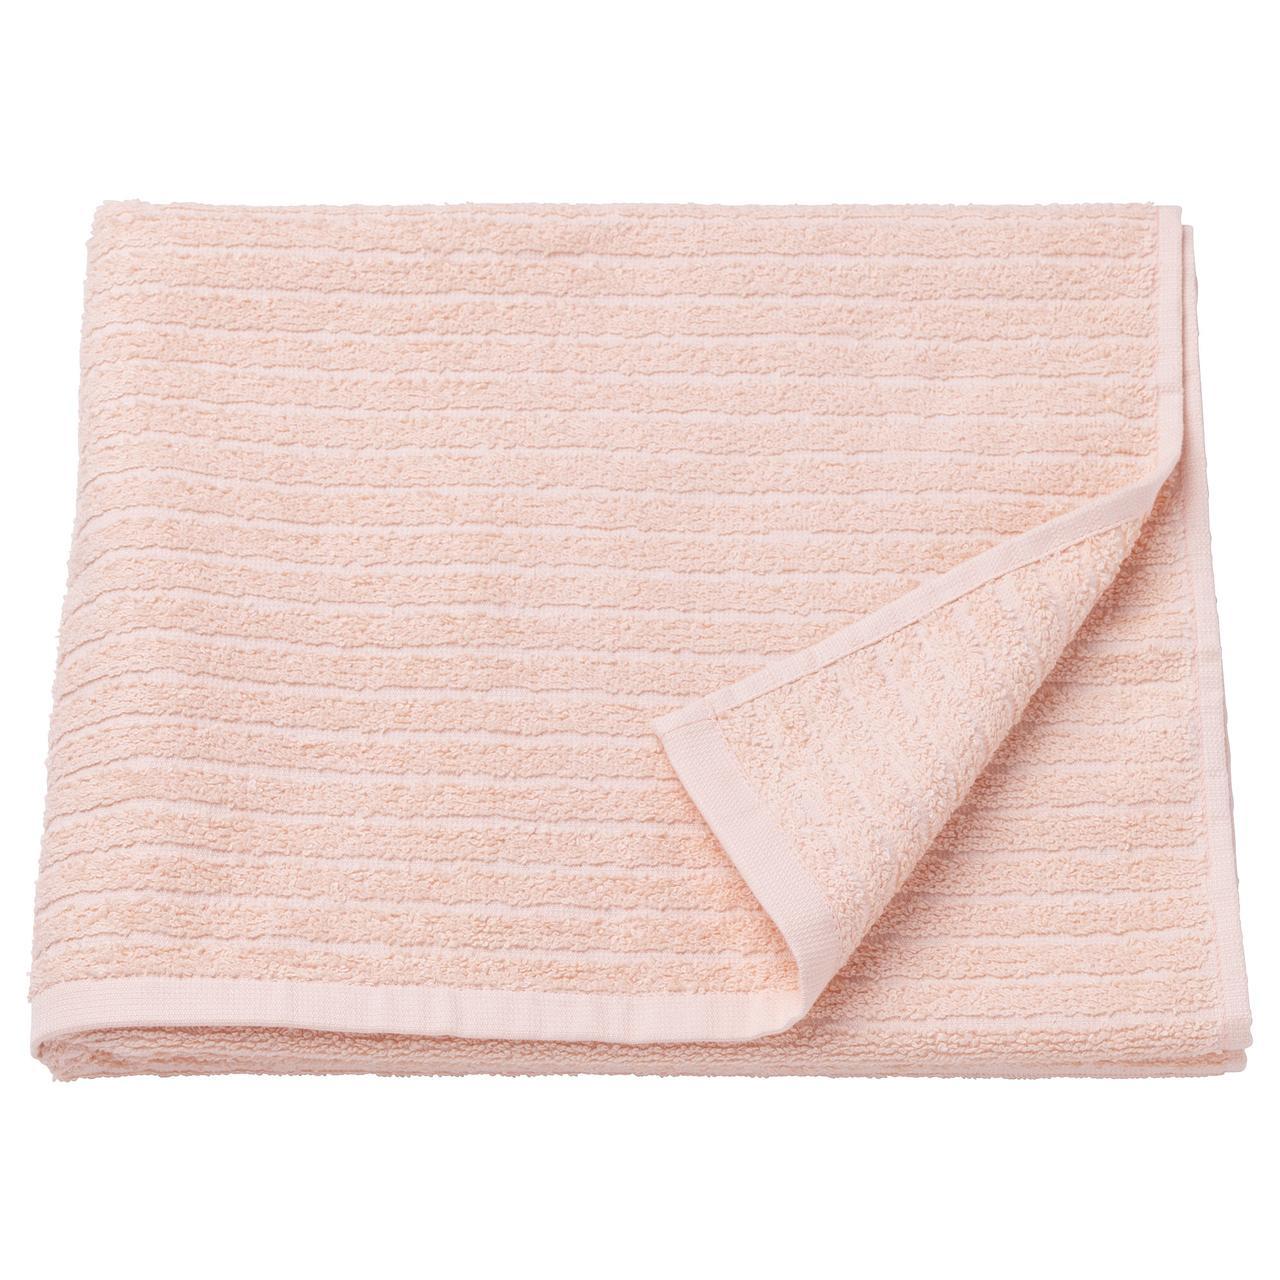 ВОГШЁН Банное полотенце, бледно-розовый